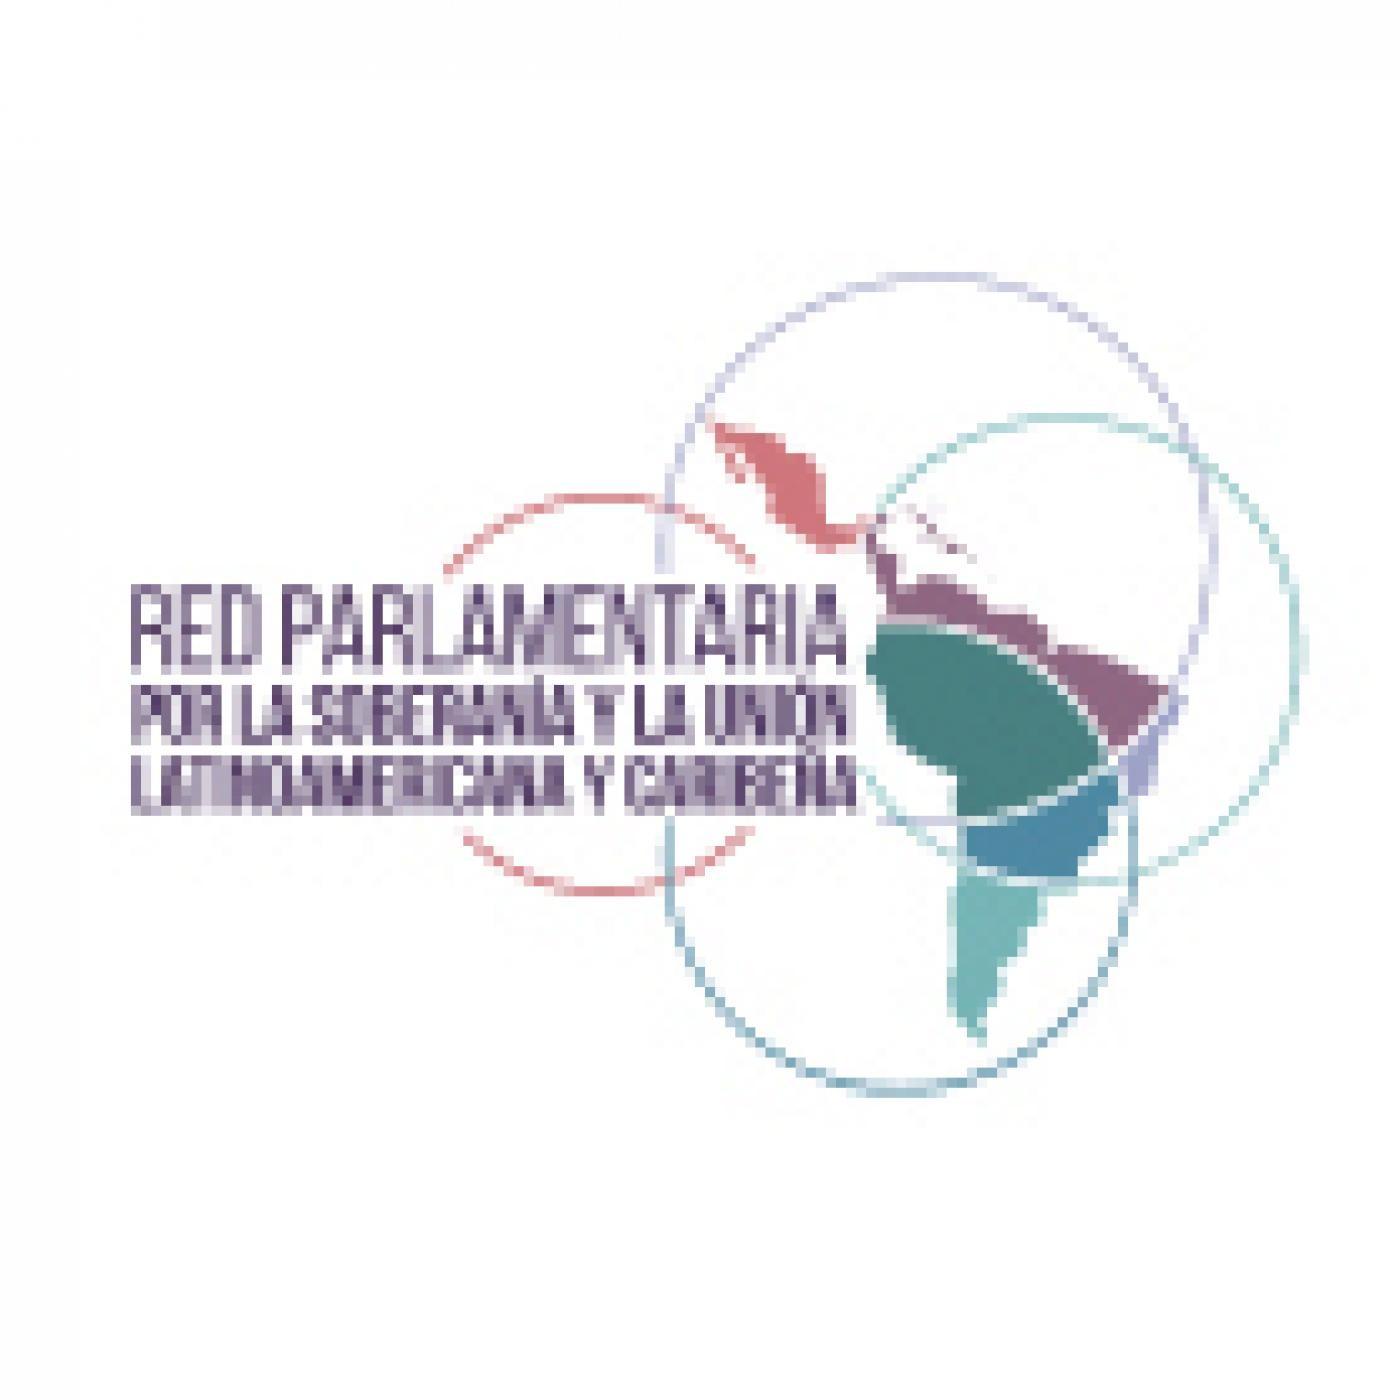 Red Parlamentaria América Latina y el Caribe